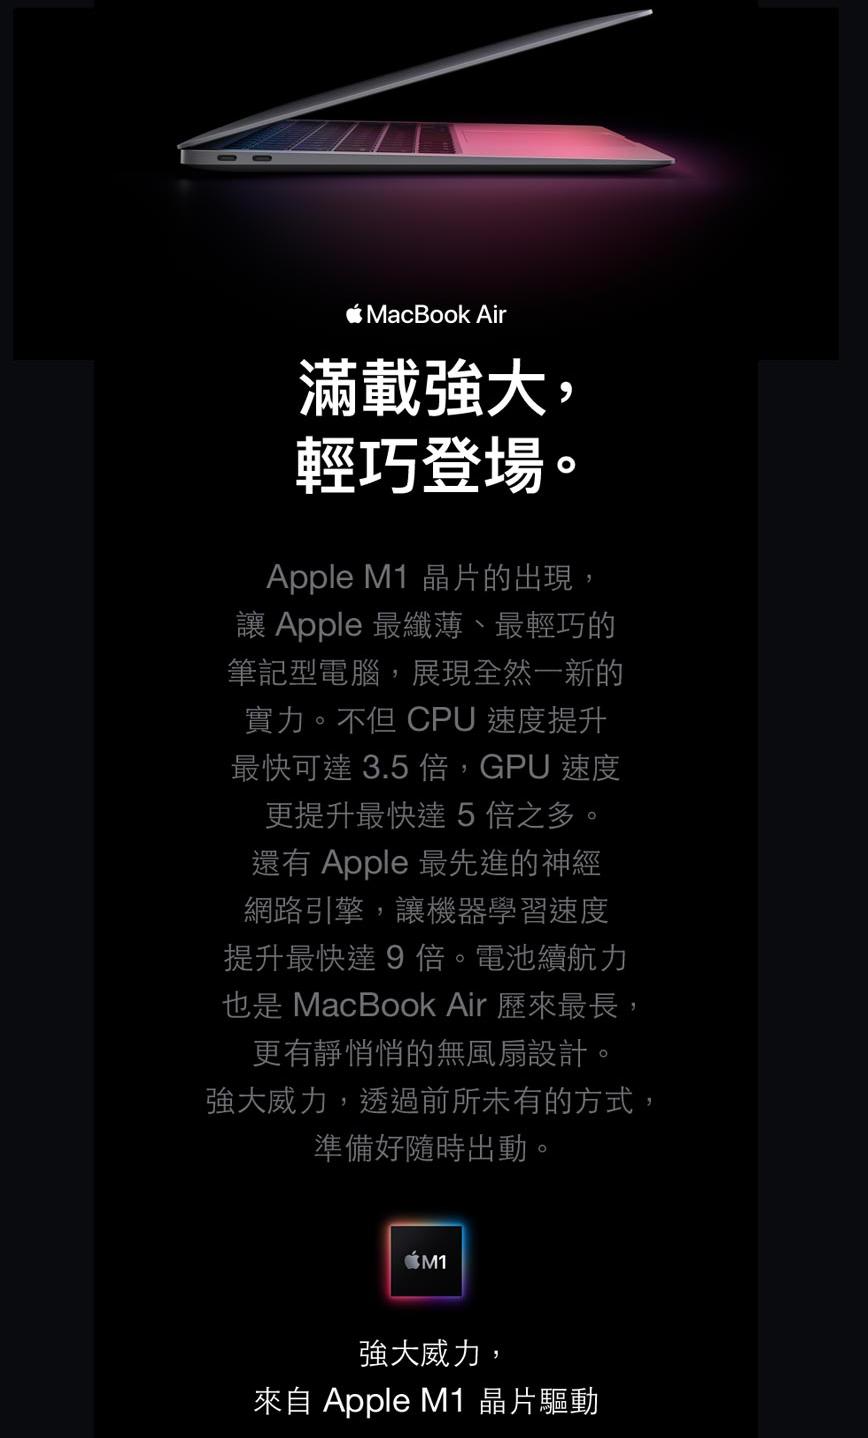 Apple Macbook Air 13吋 / M1 晶片 / 8 核心 CPU / 8 核心 GPU / 8GB / 512GB 金銀灰 (MGNE3TA, MGNA3TA, MGN73TA)